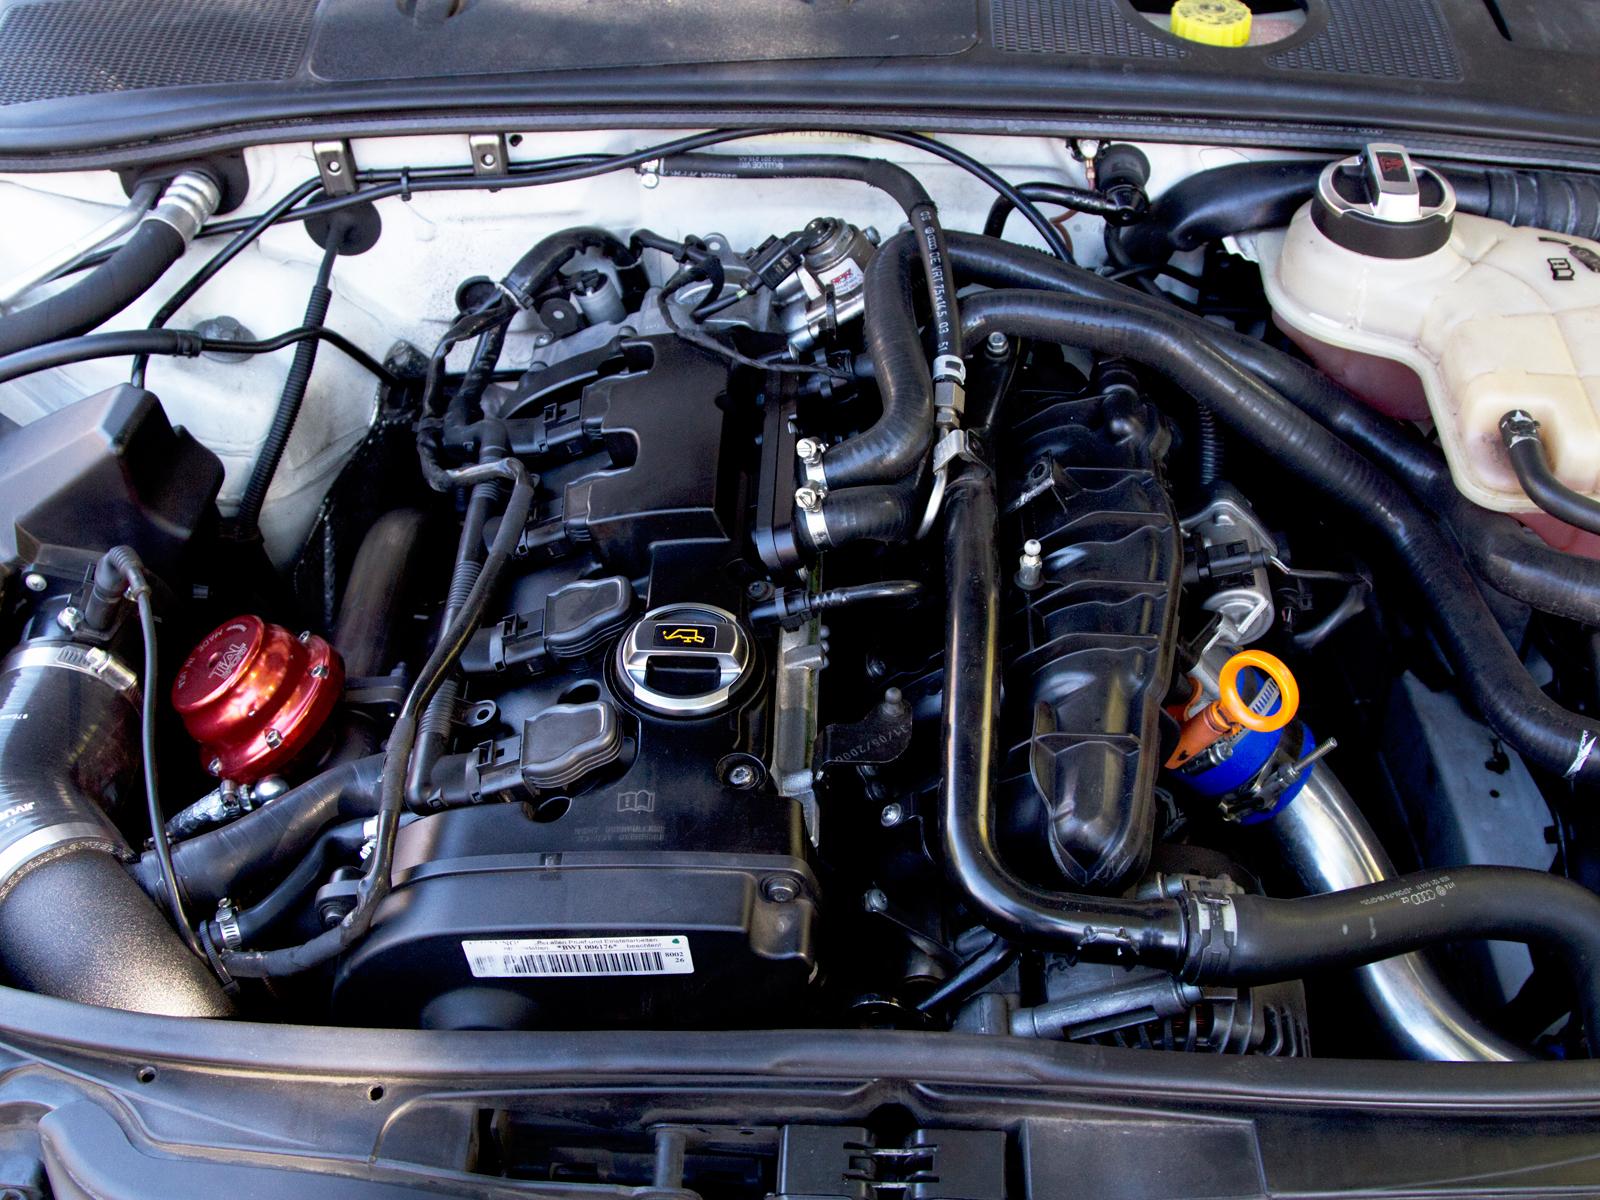 2007 Audi A4 2.0T quattro - OEMplus - Eurotuner MagazineSuper Street